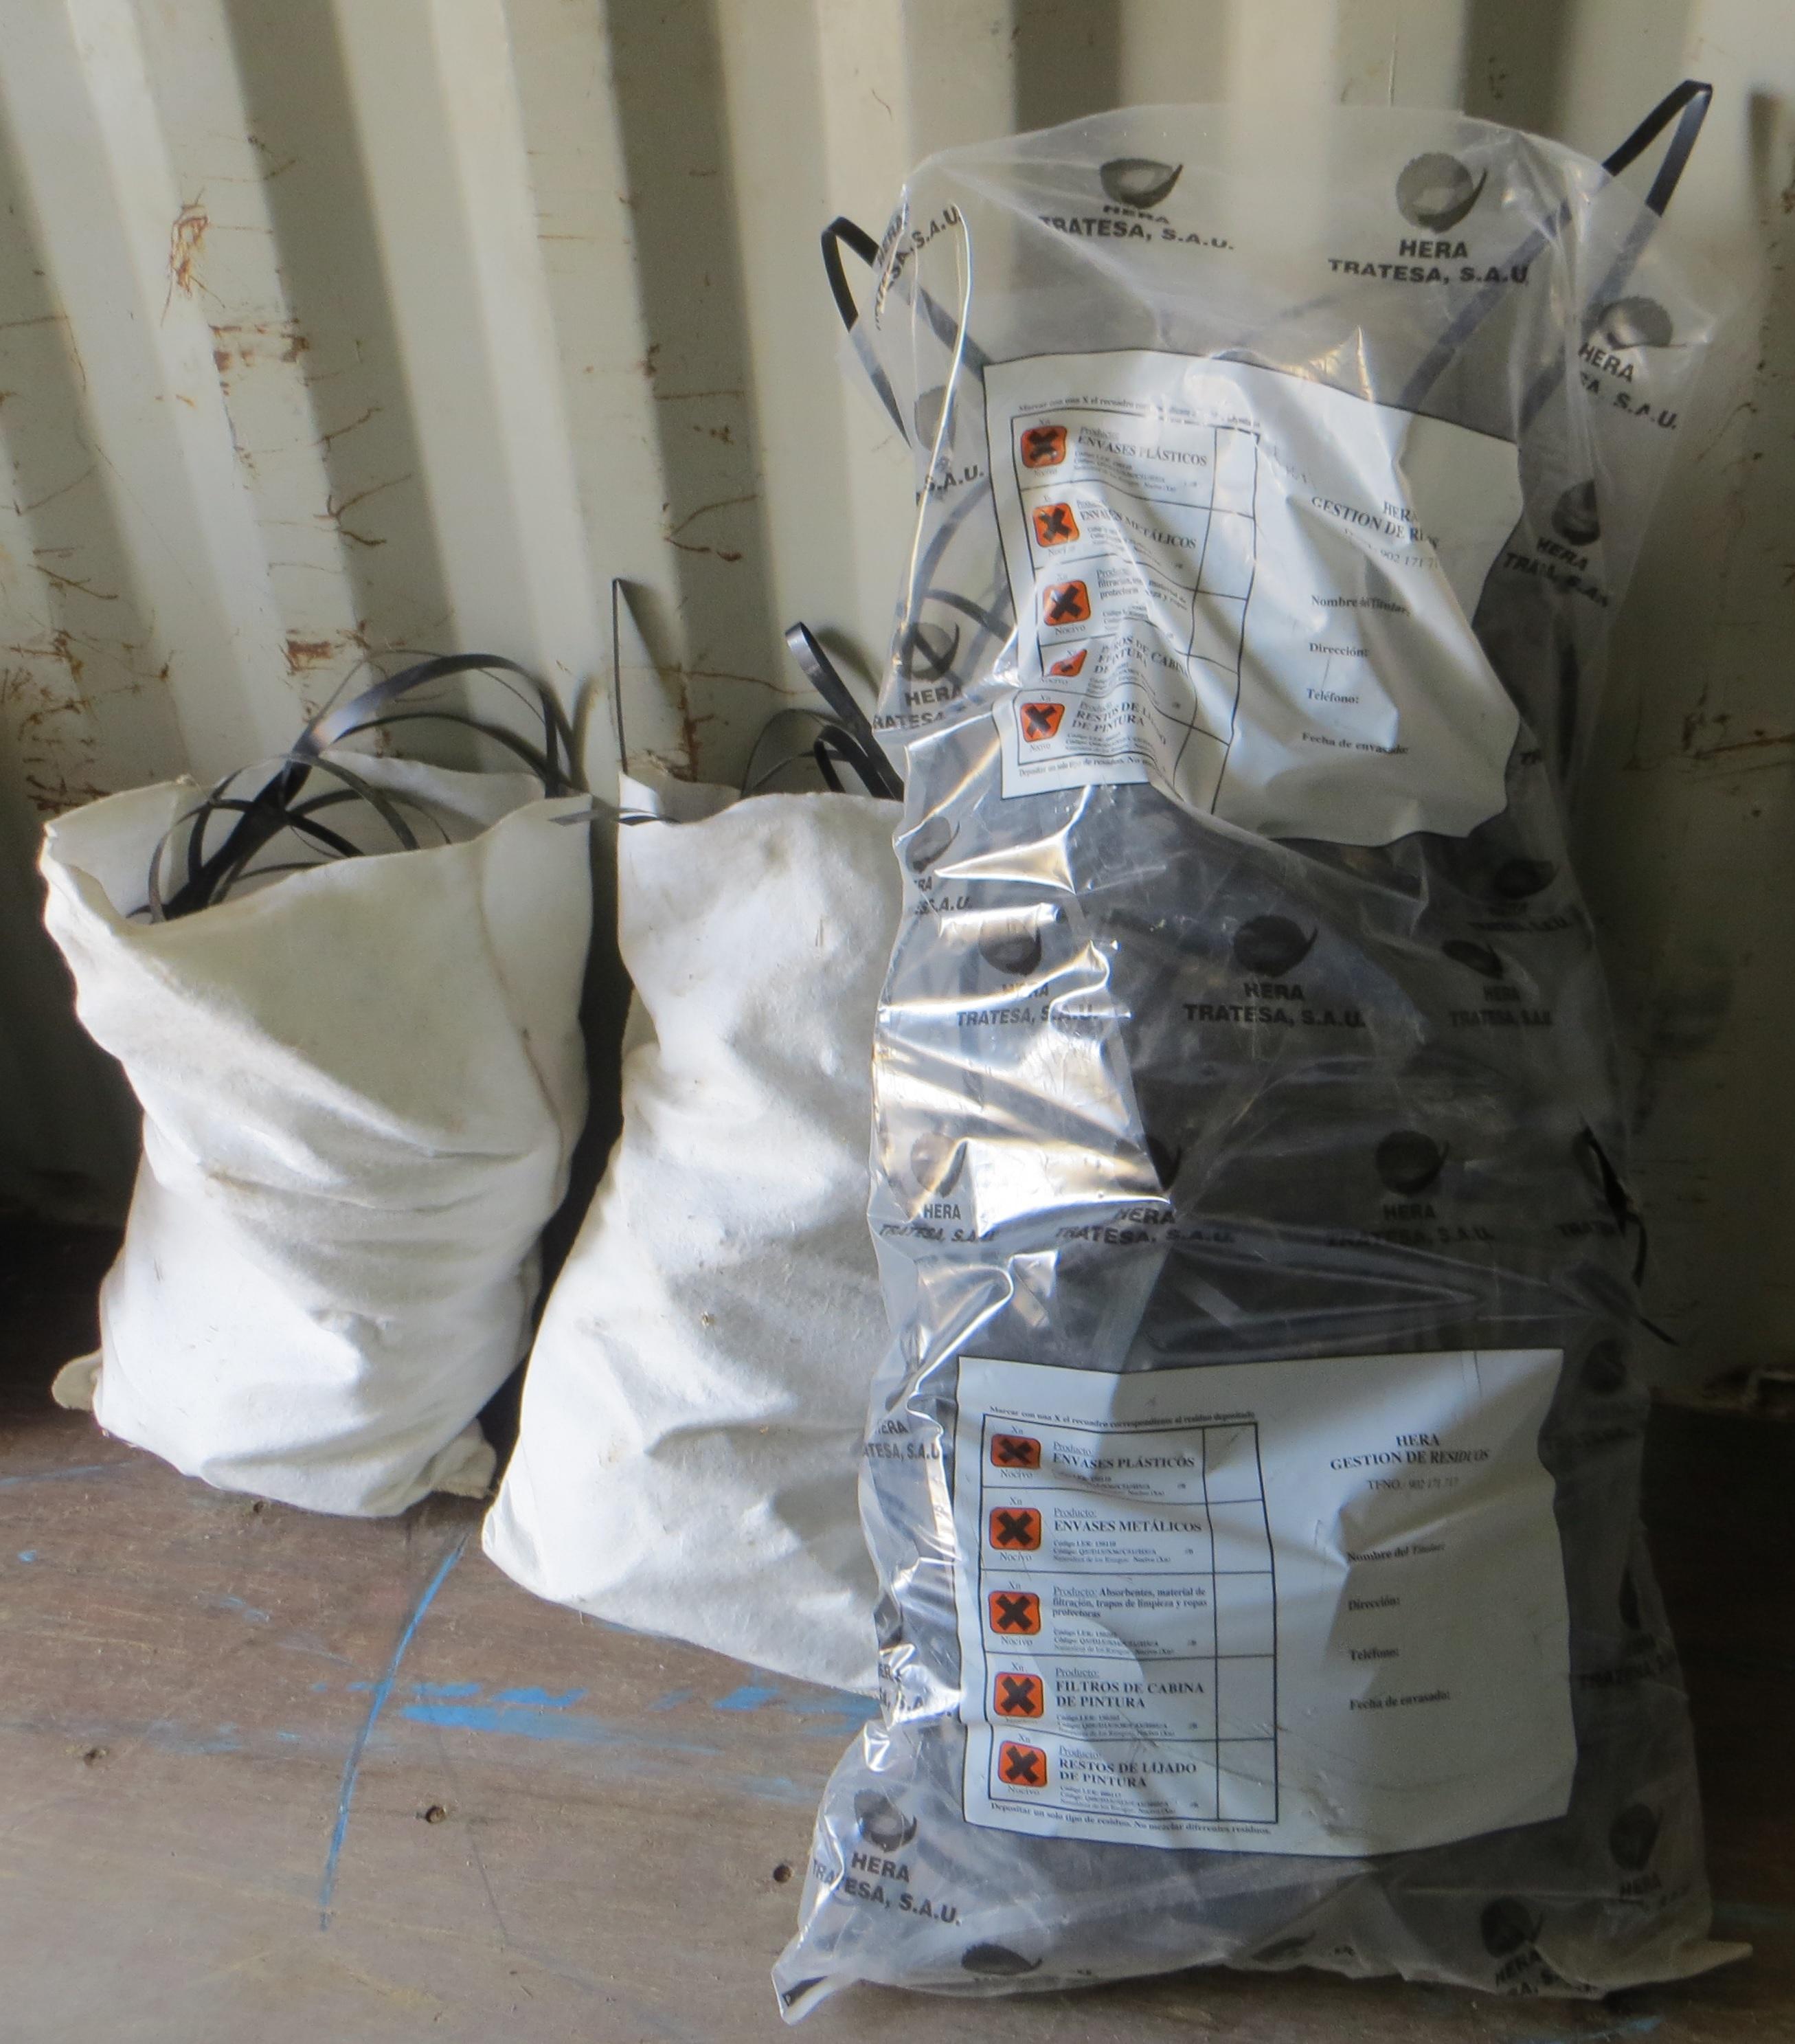 Cables de una empresa de gestión de residuos. PERSEA Soluciones Ambientales S.L. - Realización de trámites y estudios necesarios para la obtención de la autorización